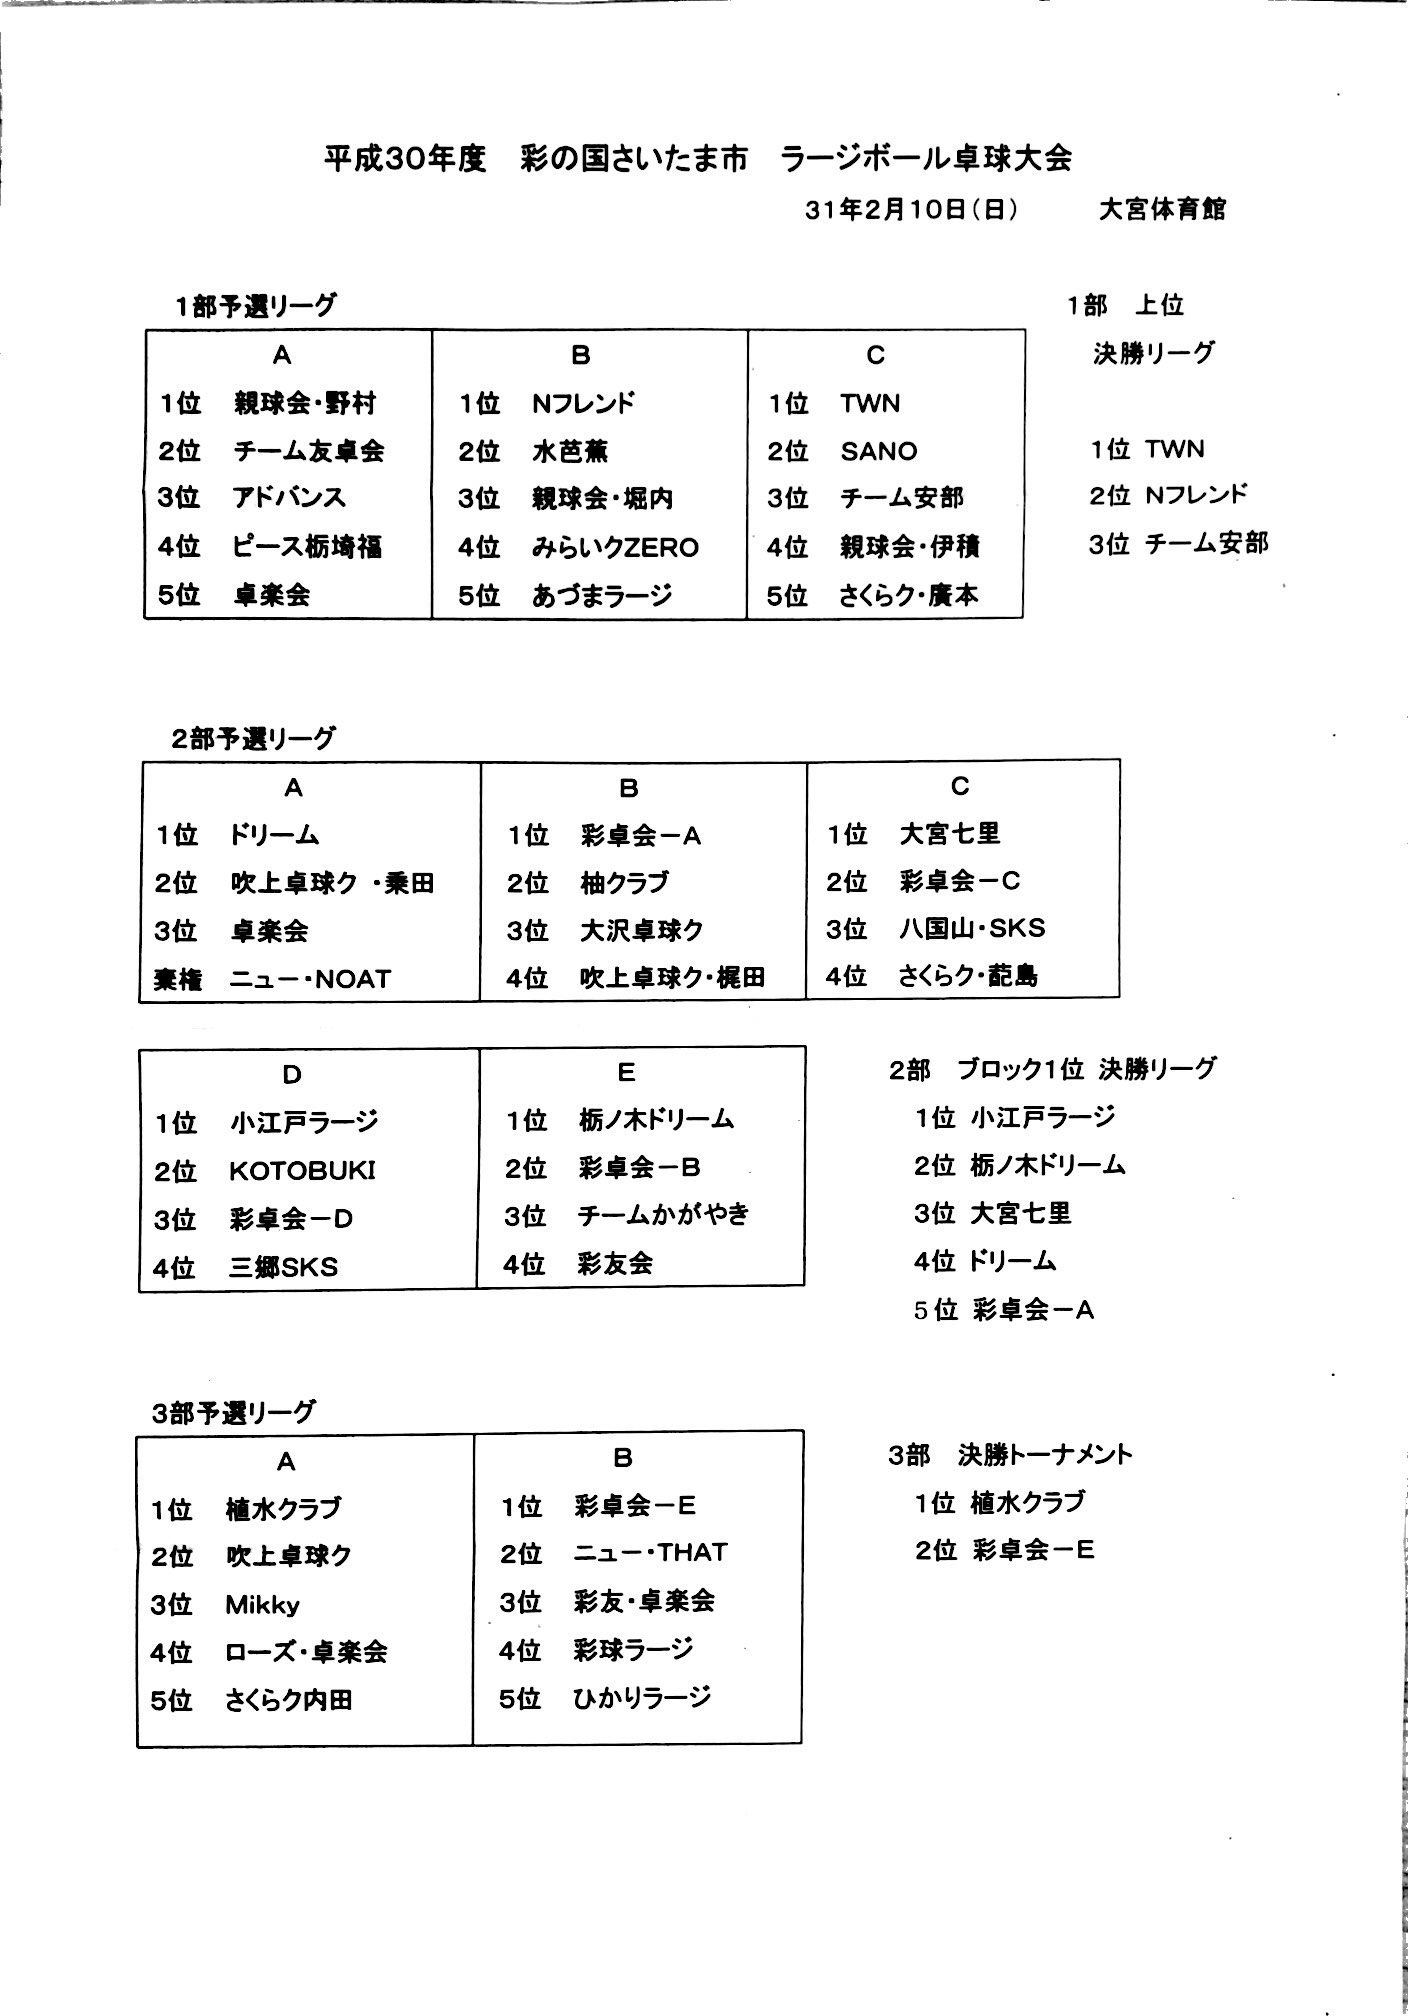 新規ドキュメント 2019-03-15 16.45.36_1